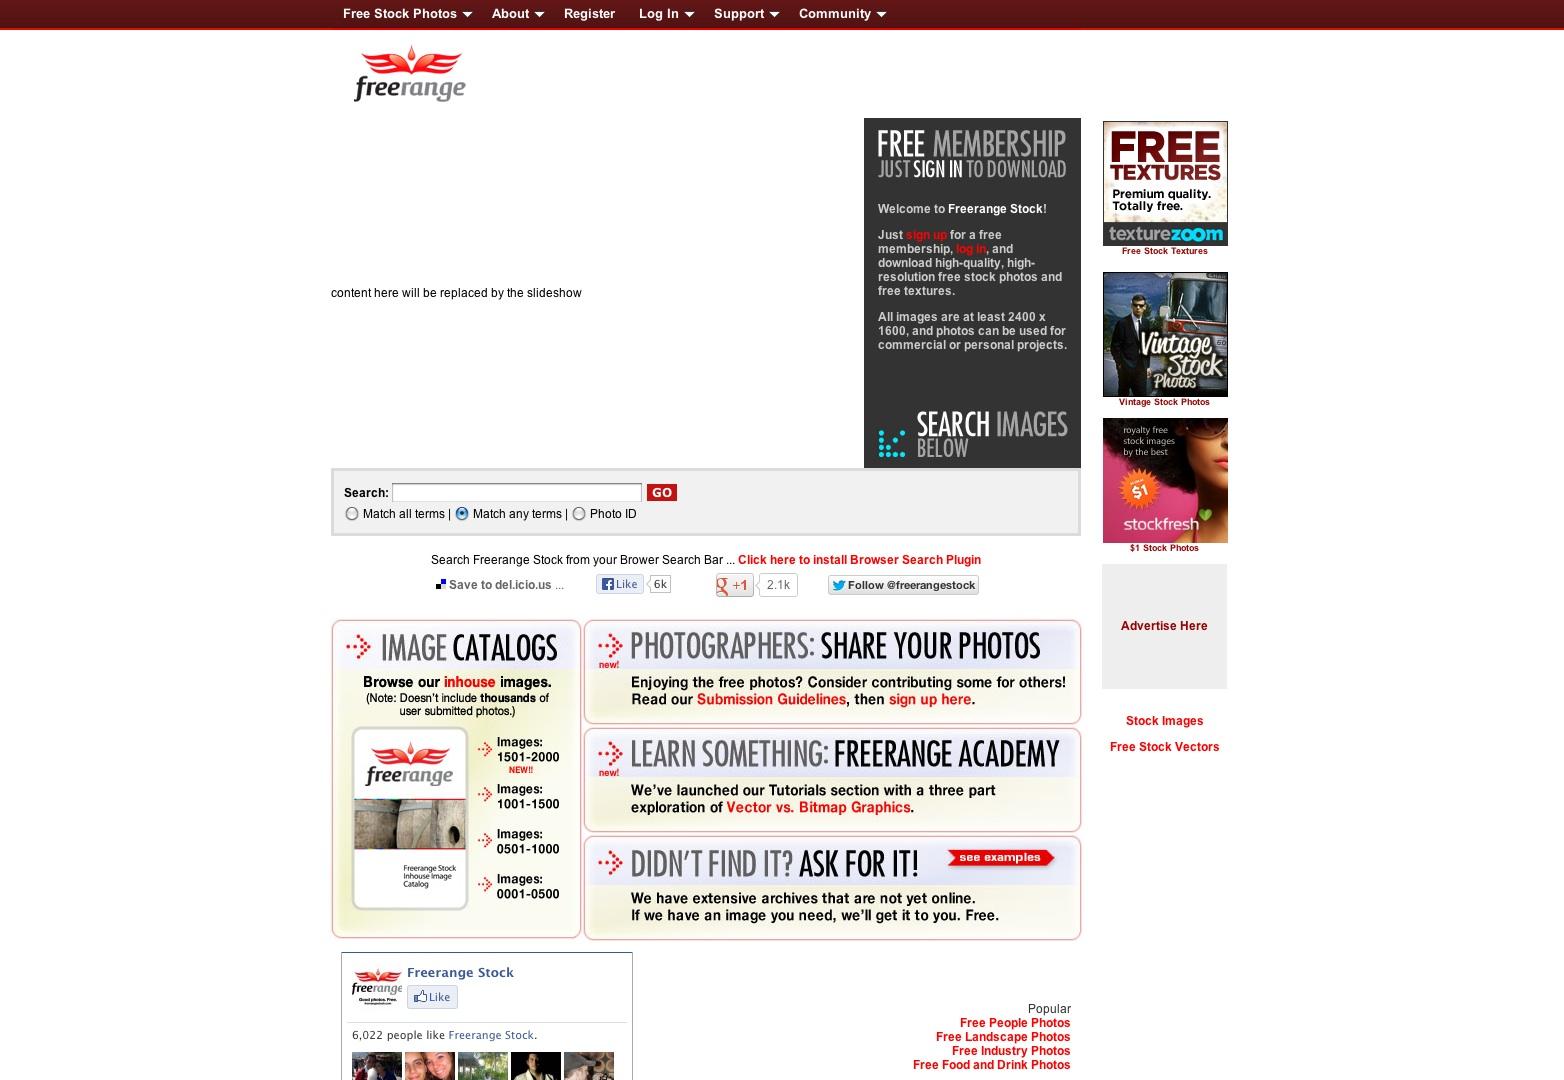 Fotos de archivo gratis en freerangestock.com - Fotografía de Stock Totalmente Gratis y Texturas!